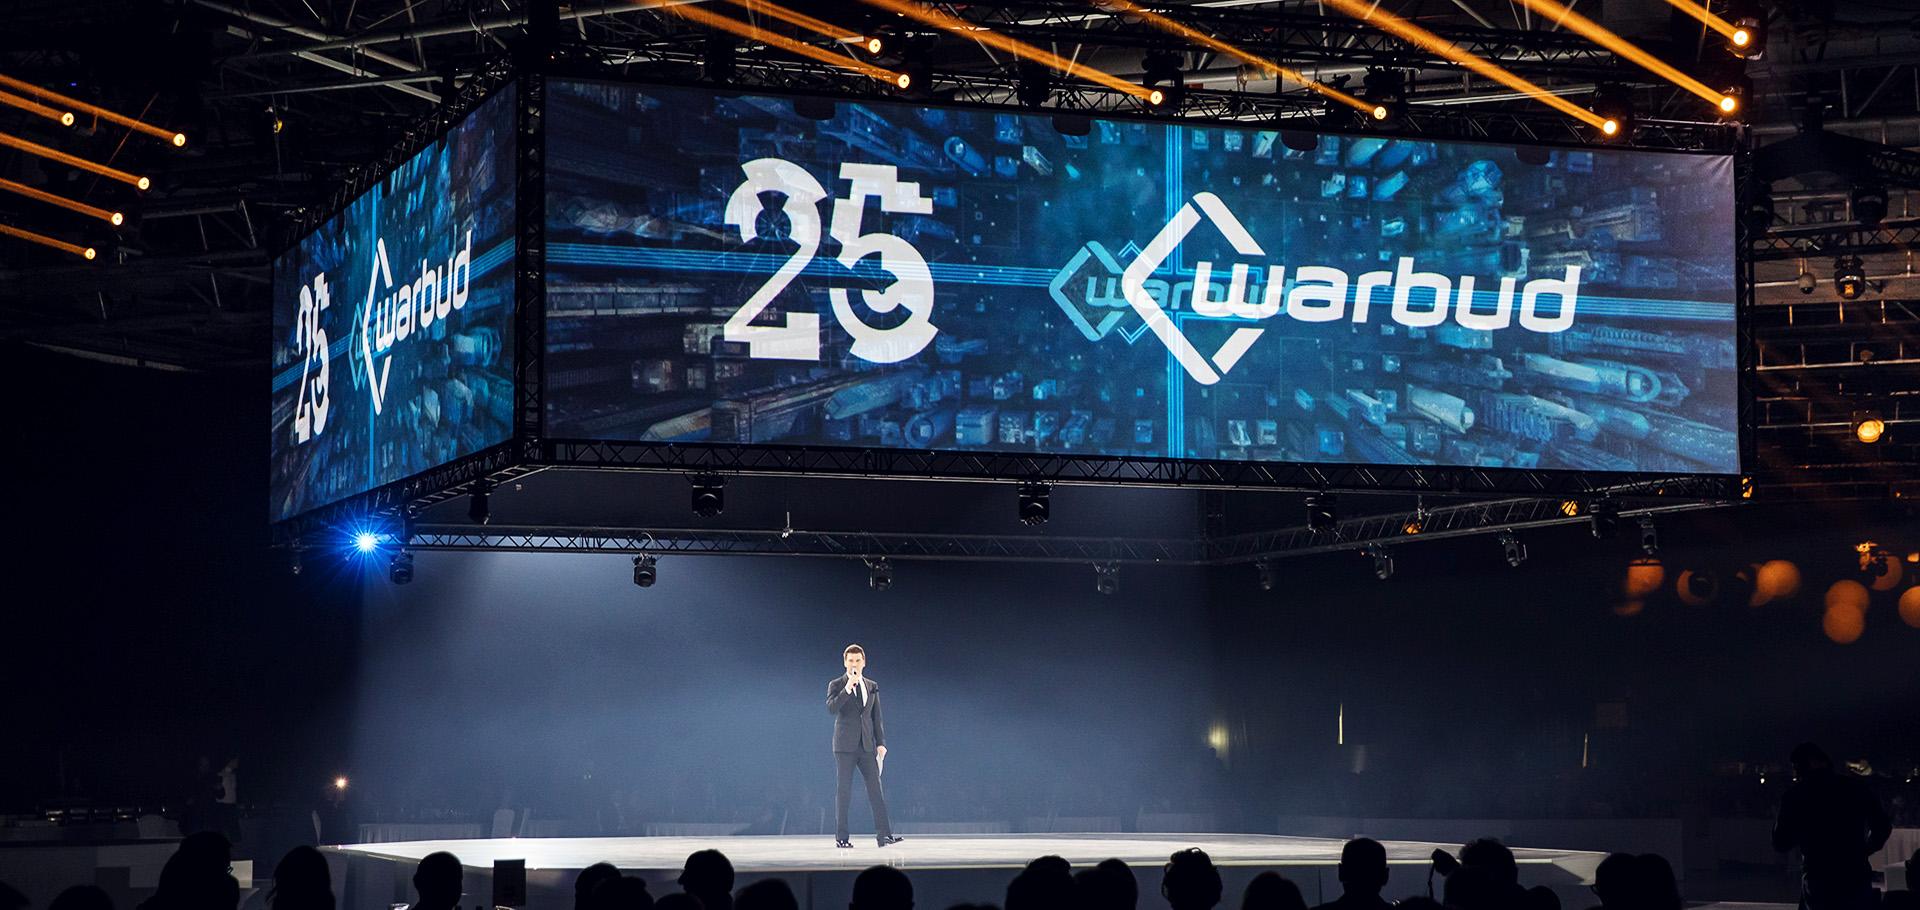 Uroczysta gala na 25-lecie firmy Warbud - gospodarz jubileuszu: Tomasz Kammel